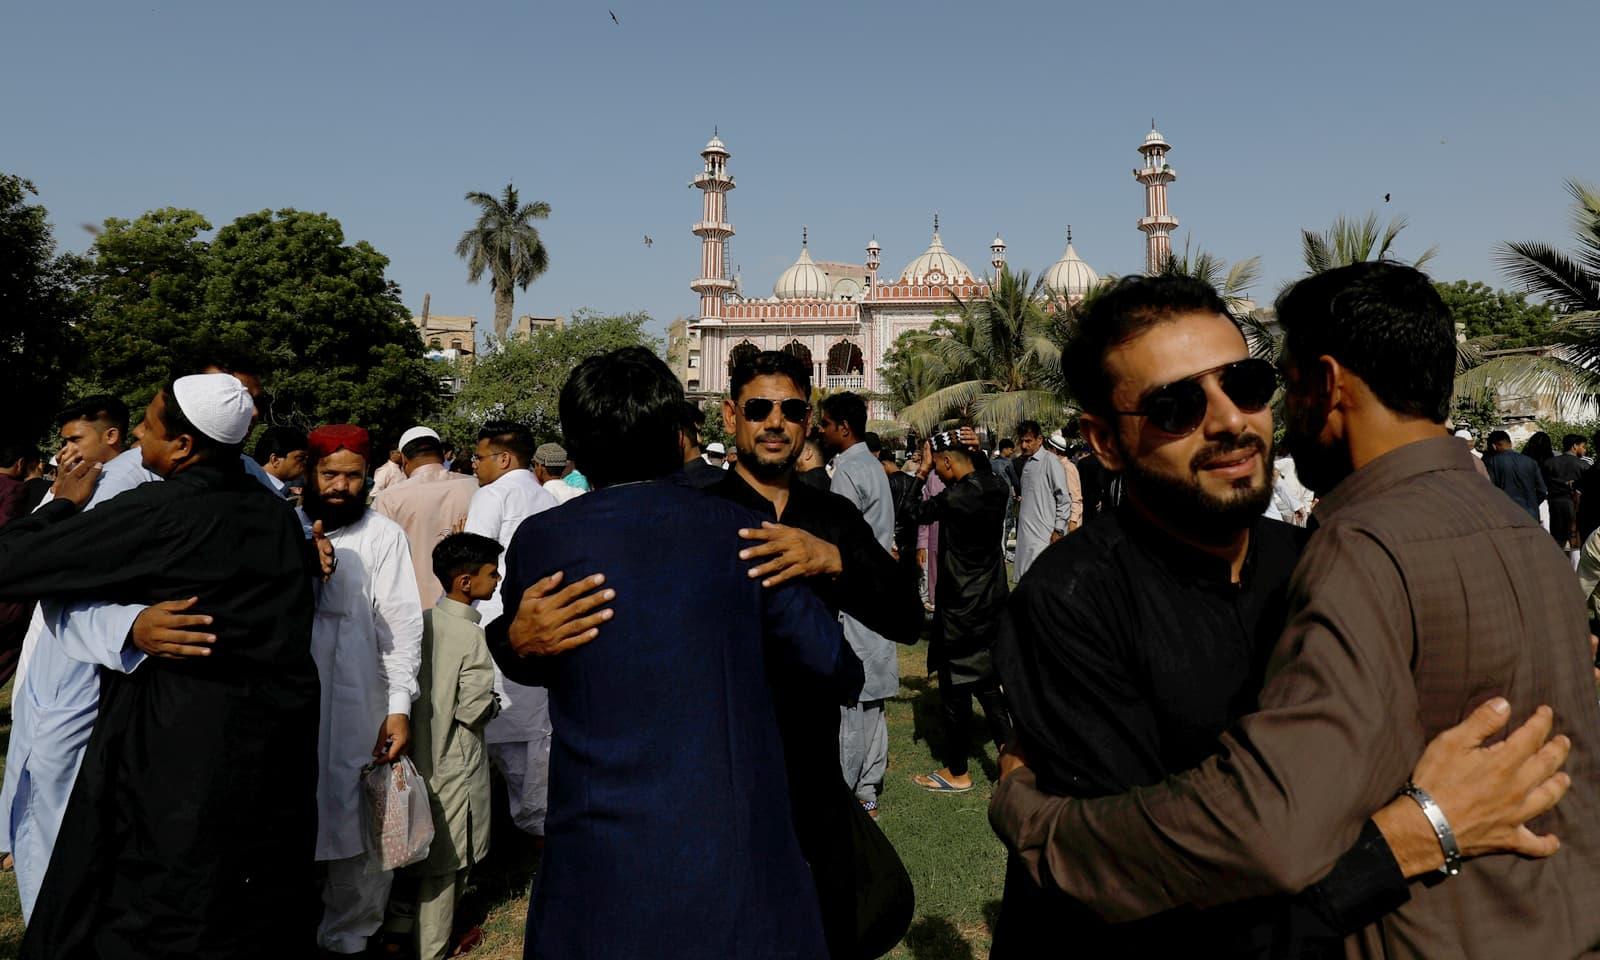 کراچی میں عیدالفطر کی نماز کی ادائیگی کے بعد فرزندان اسلام گلے مل رہے ہیں— فوٹو: رائٹرز